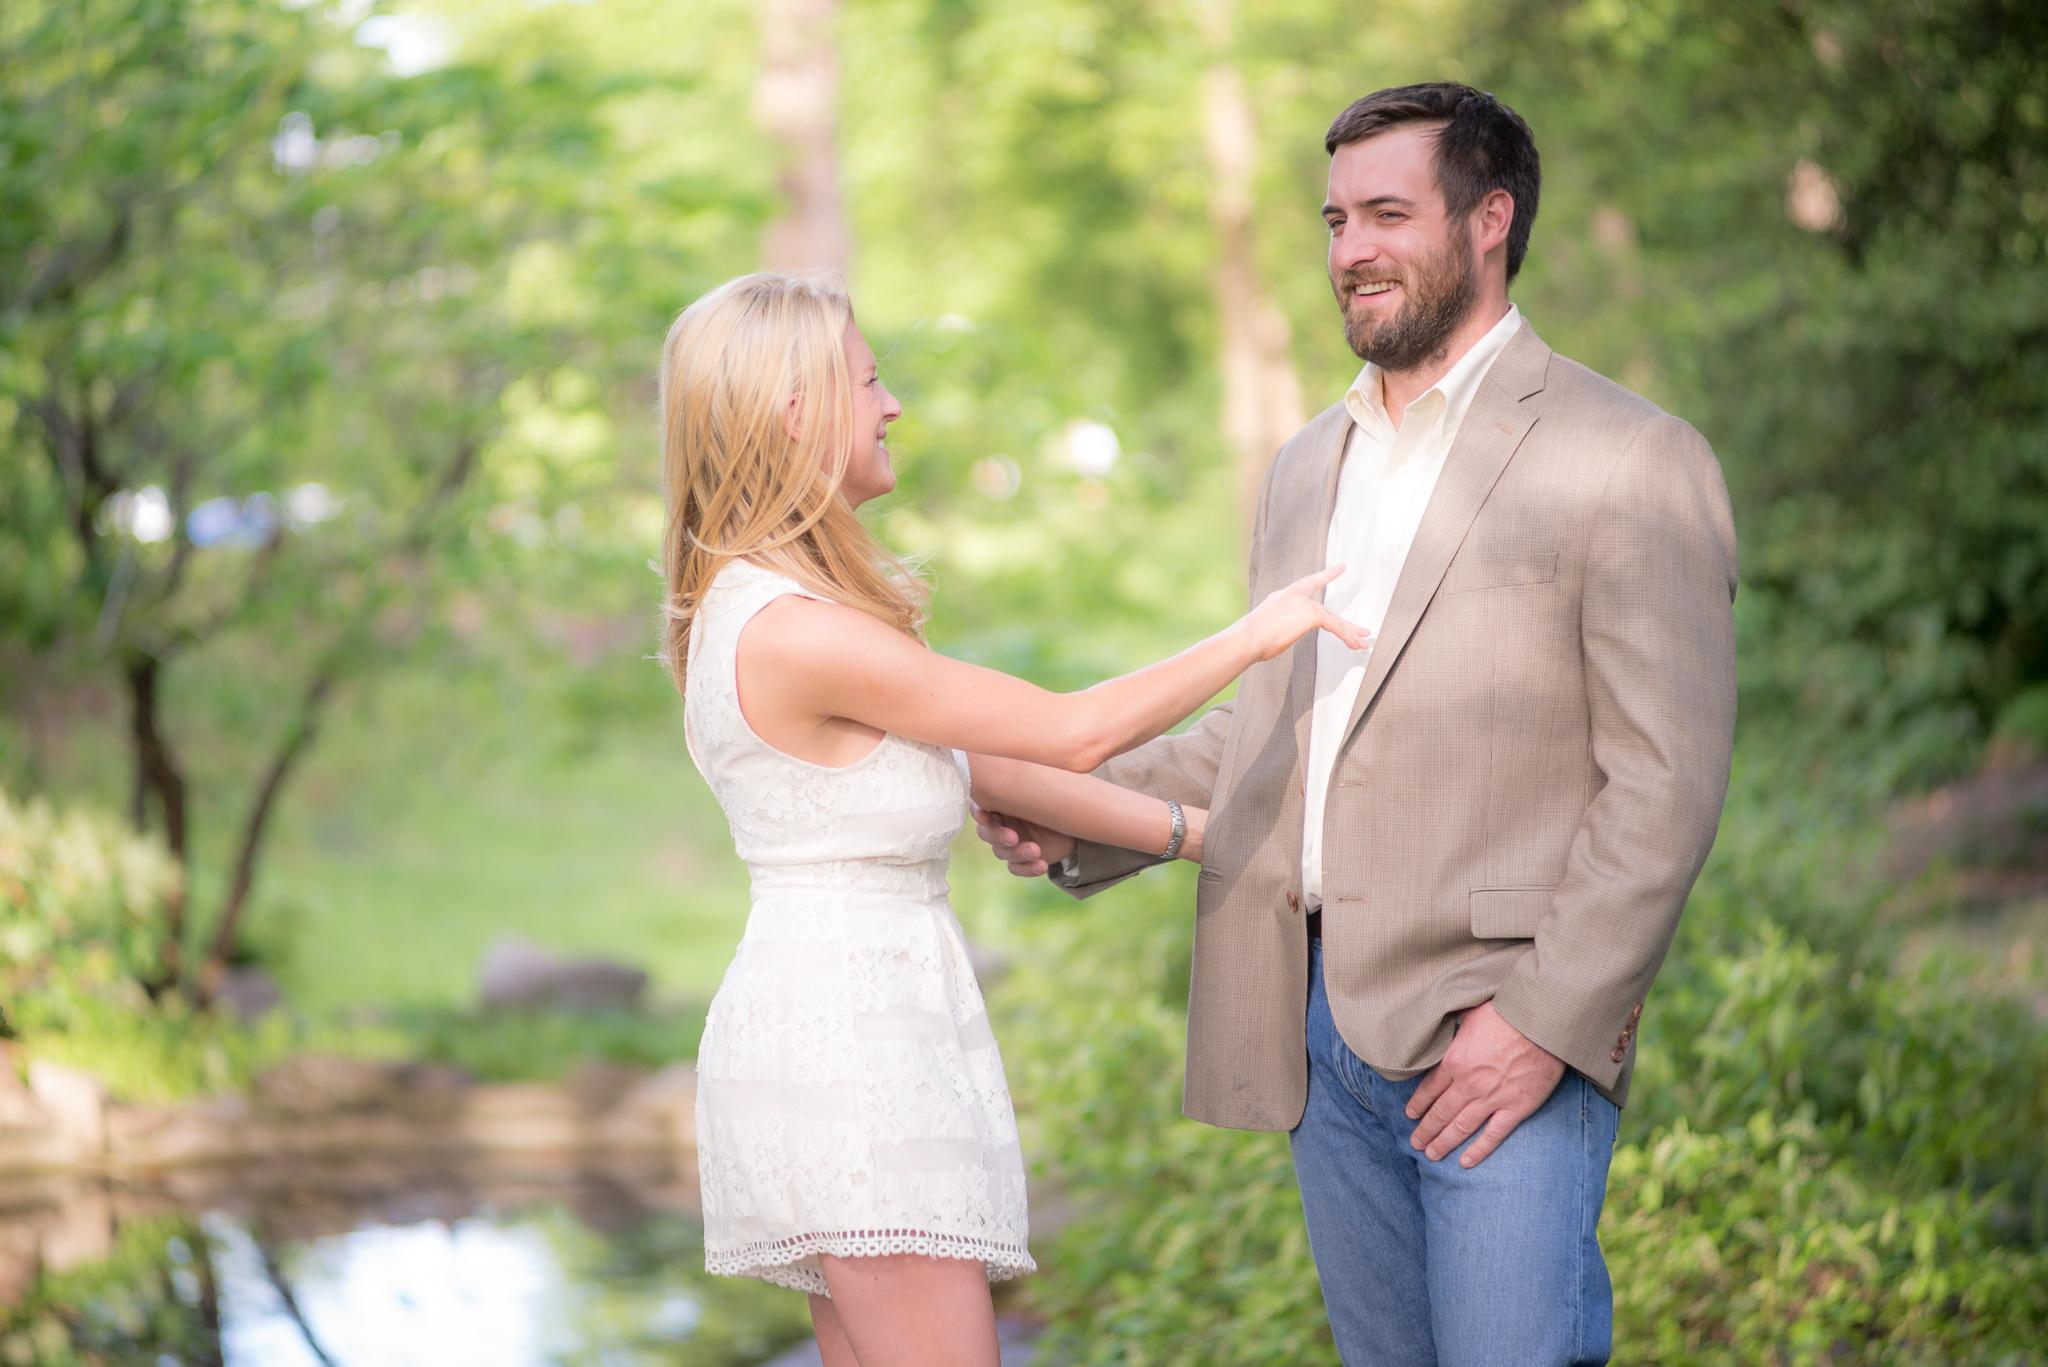 MorganKaty_engagement_wedding_iwally-9.jpg